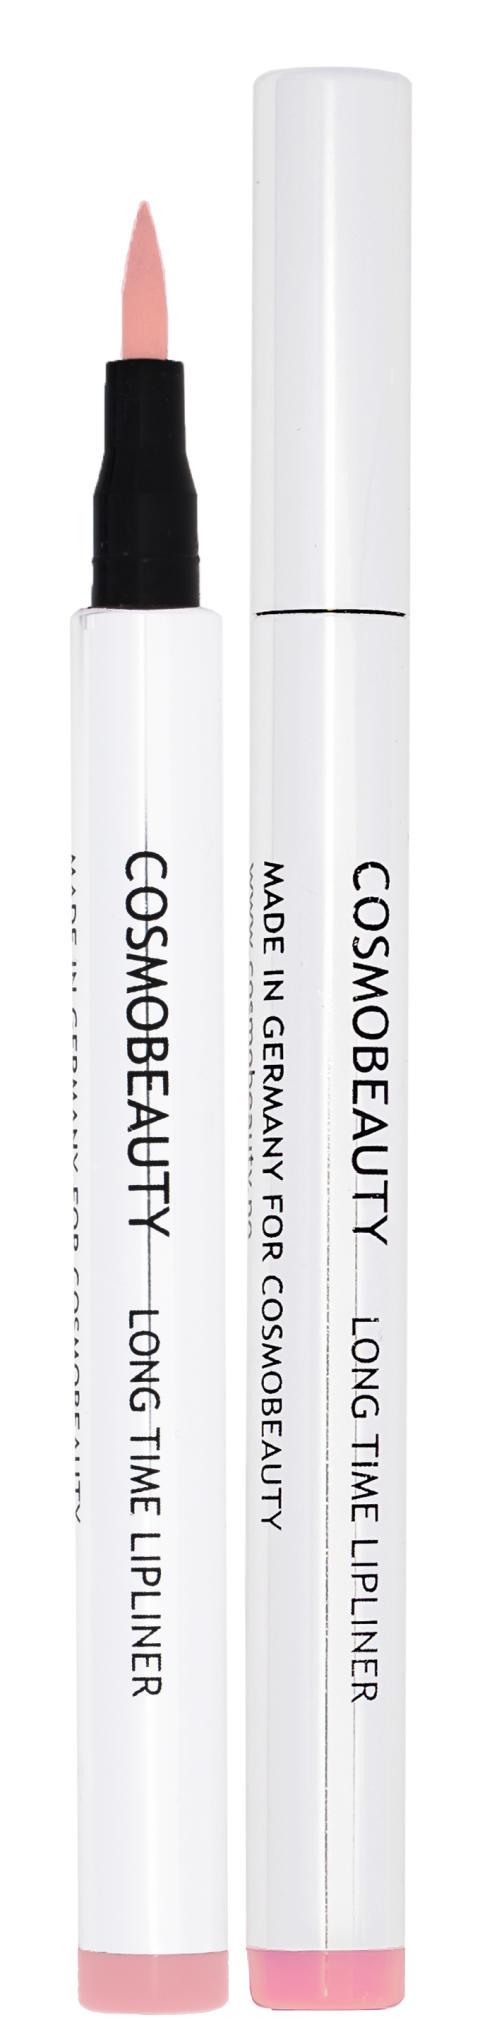 Cosmobeauty Long Time Lipliner 08